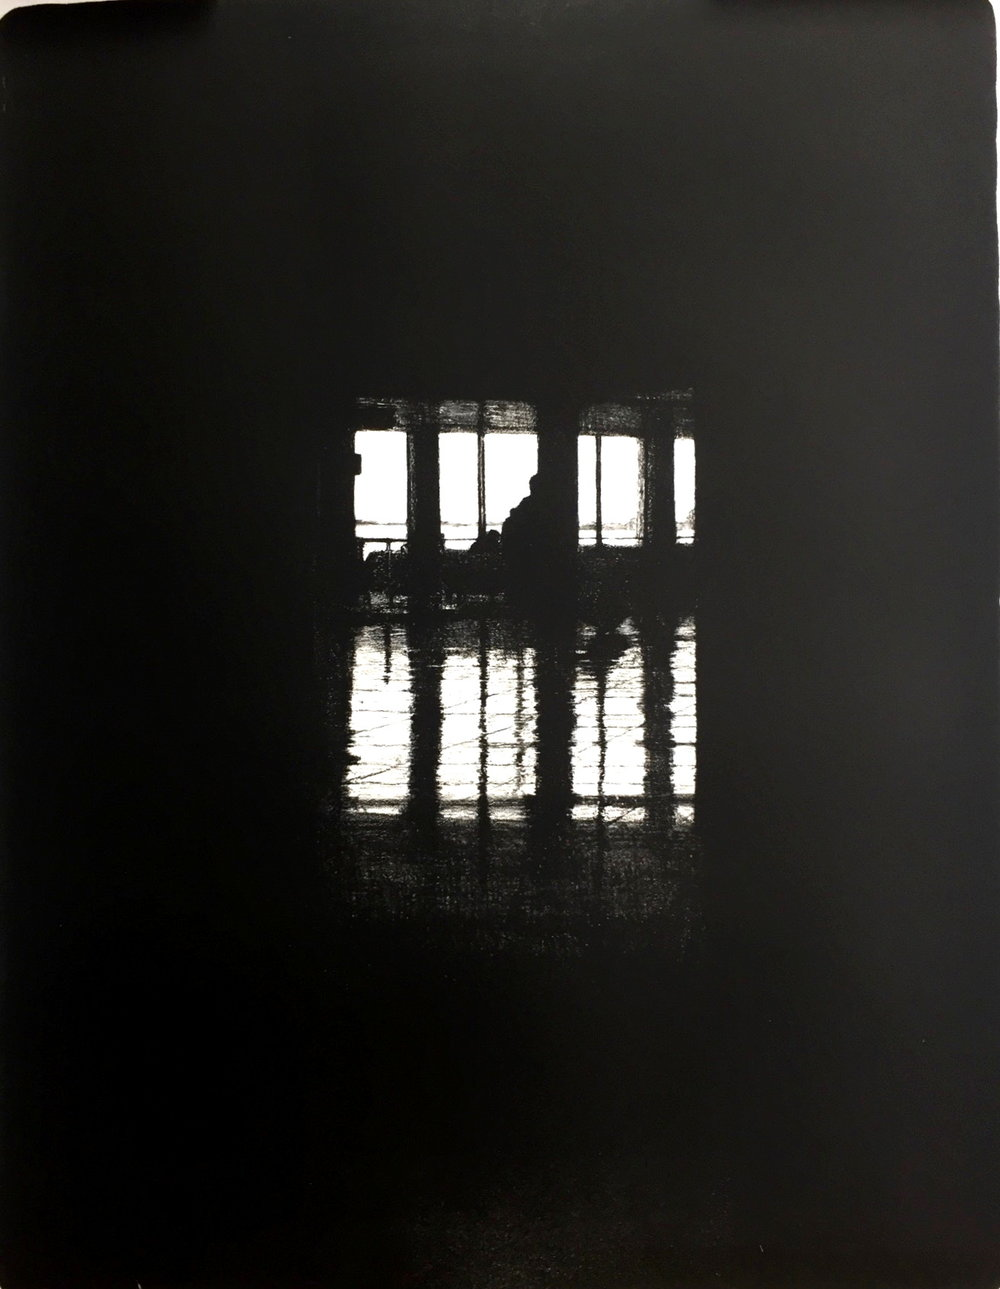 Departures I (JFK), 2016, lithograph, 55cm x 75cm, Ed. 12